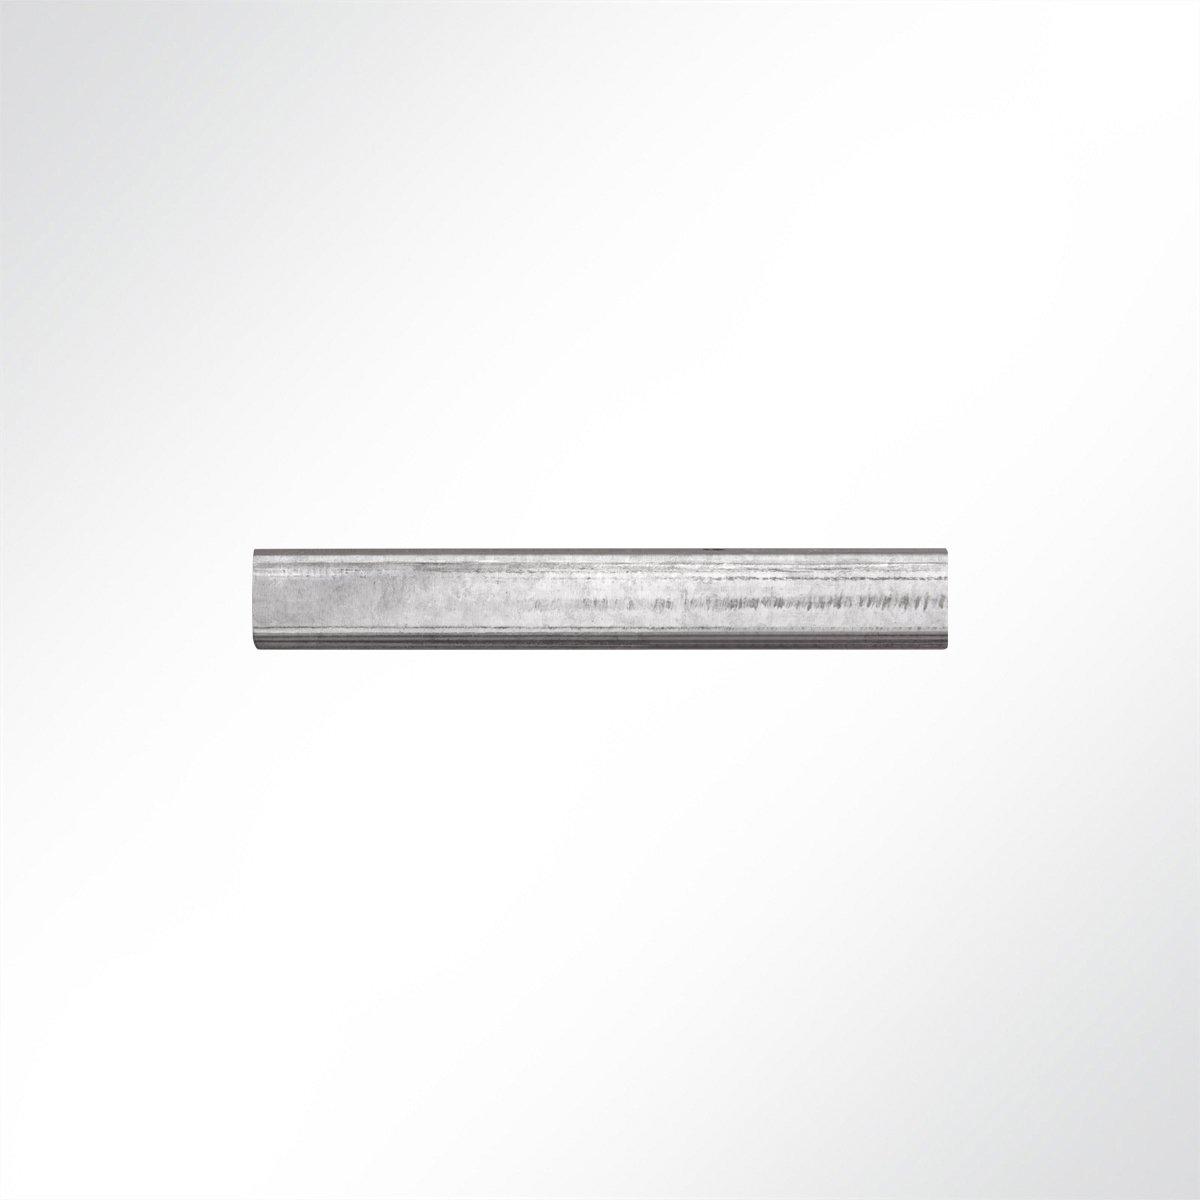 LYSEL Laufschiene verzinkt 25x19x2000 mm Schiebetor Schiebet/ü r Hallentor